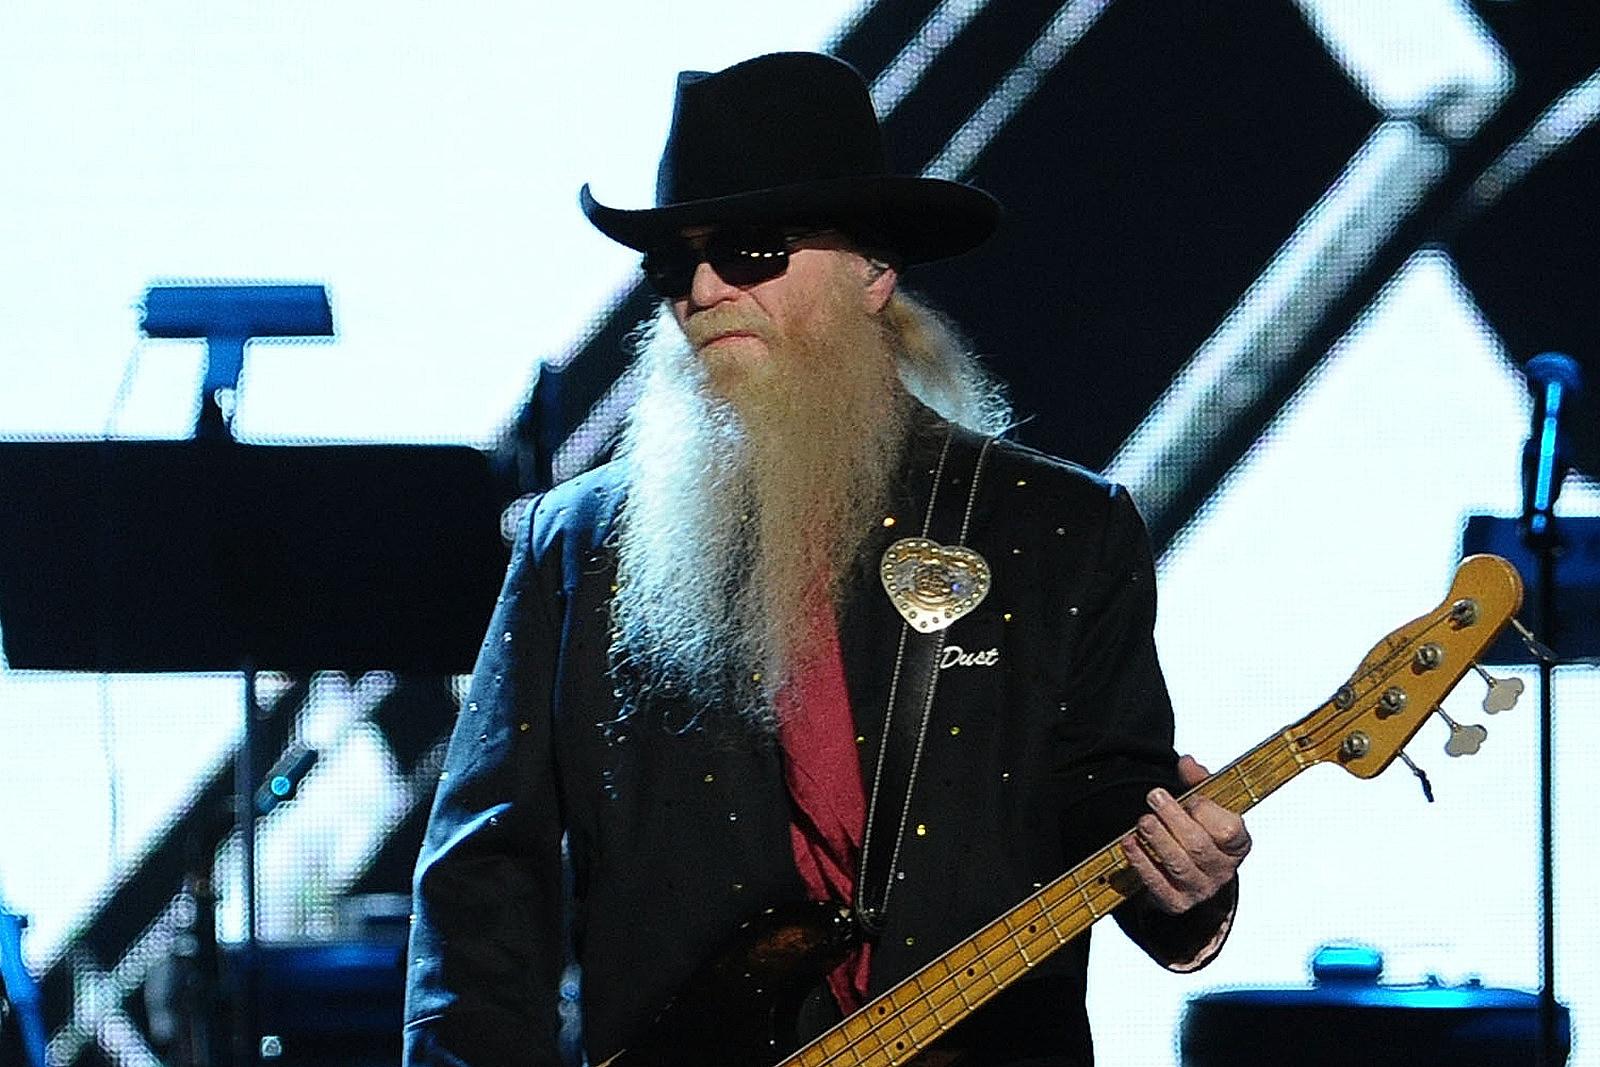 ZZ Top Bassist Dusty Hill Dies: Rockers React